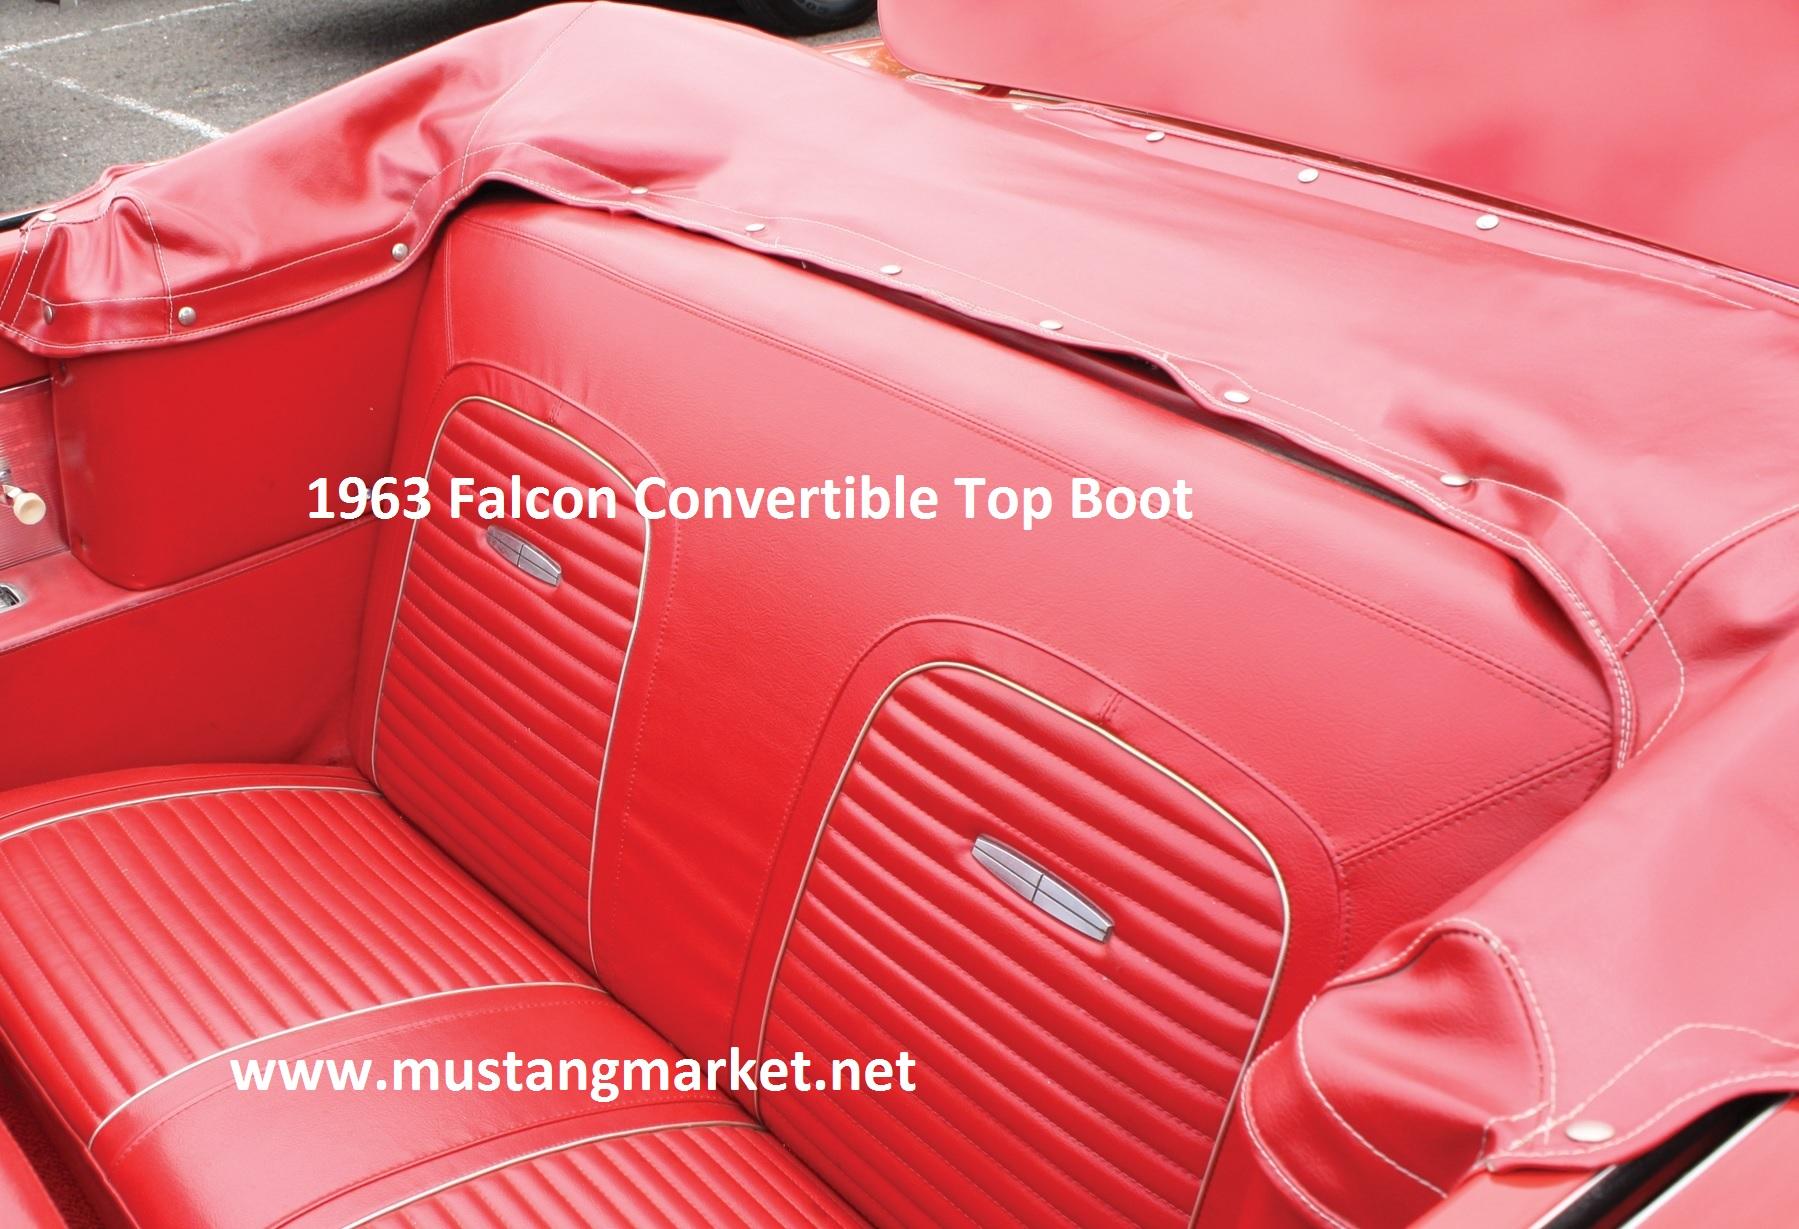 1963 1965 Falcon Convertible Top Boots